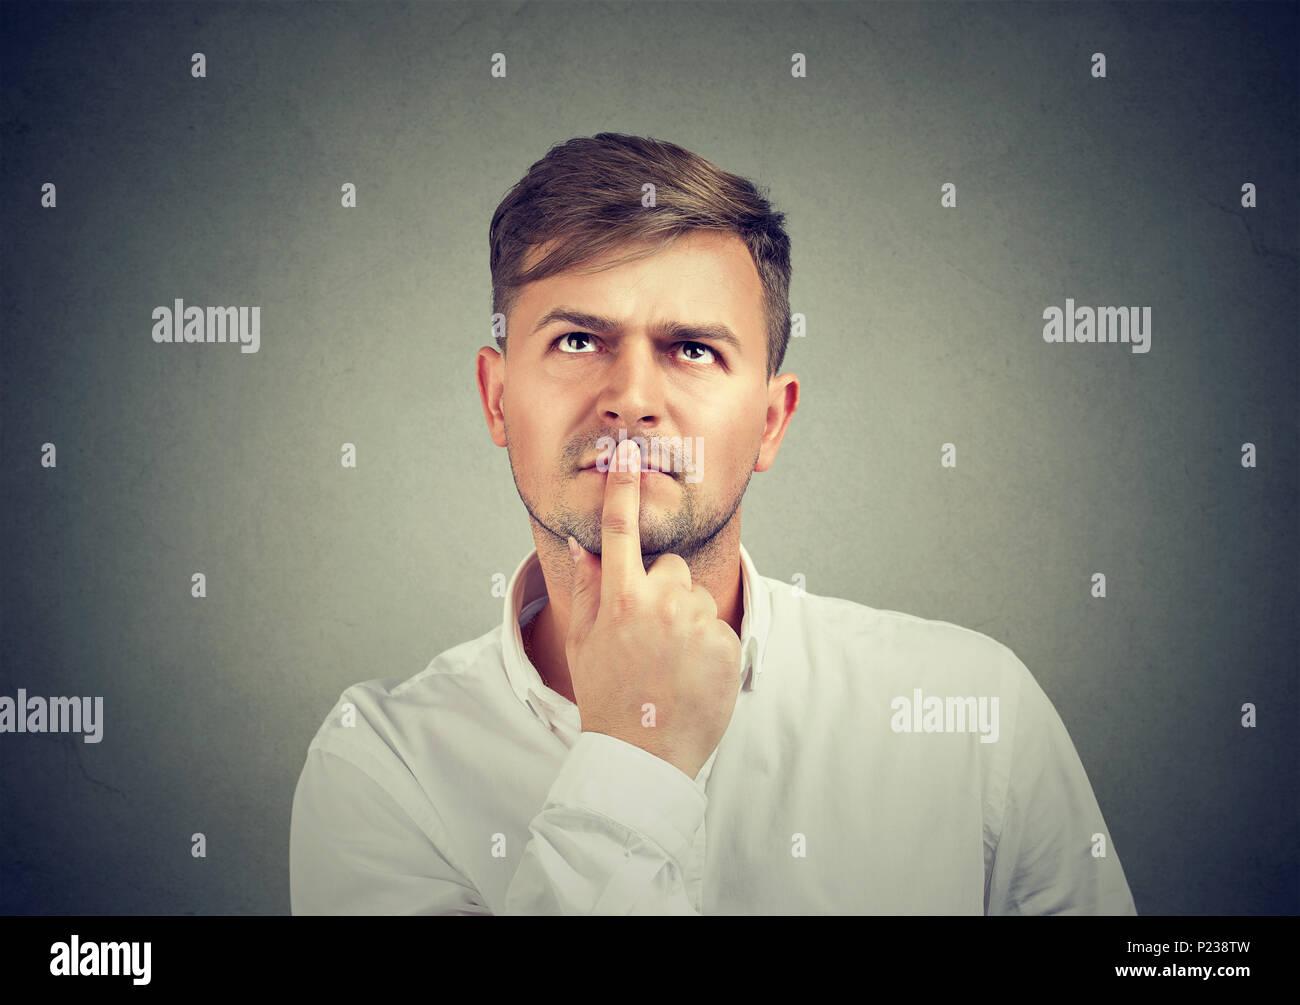 Apuesto hombre casual con la camisa blanca de tocar los labios con los dedos y pensar en el problema mirando hacia arriba. Imagen De Stock